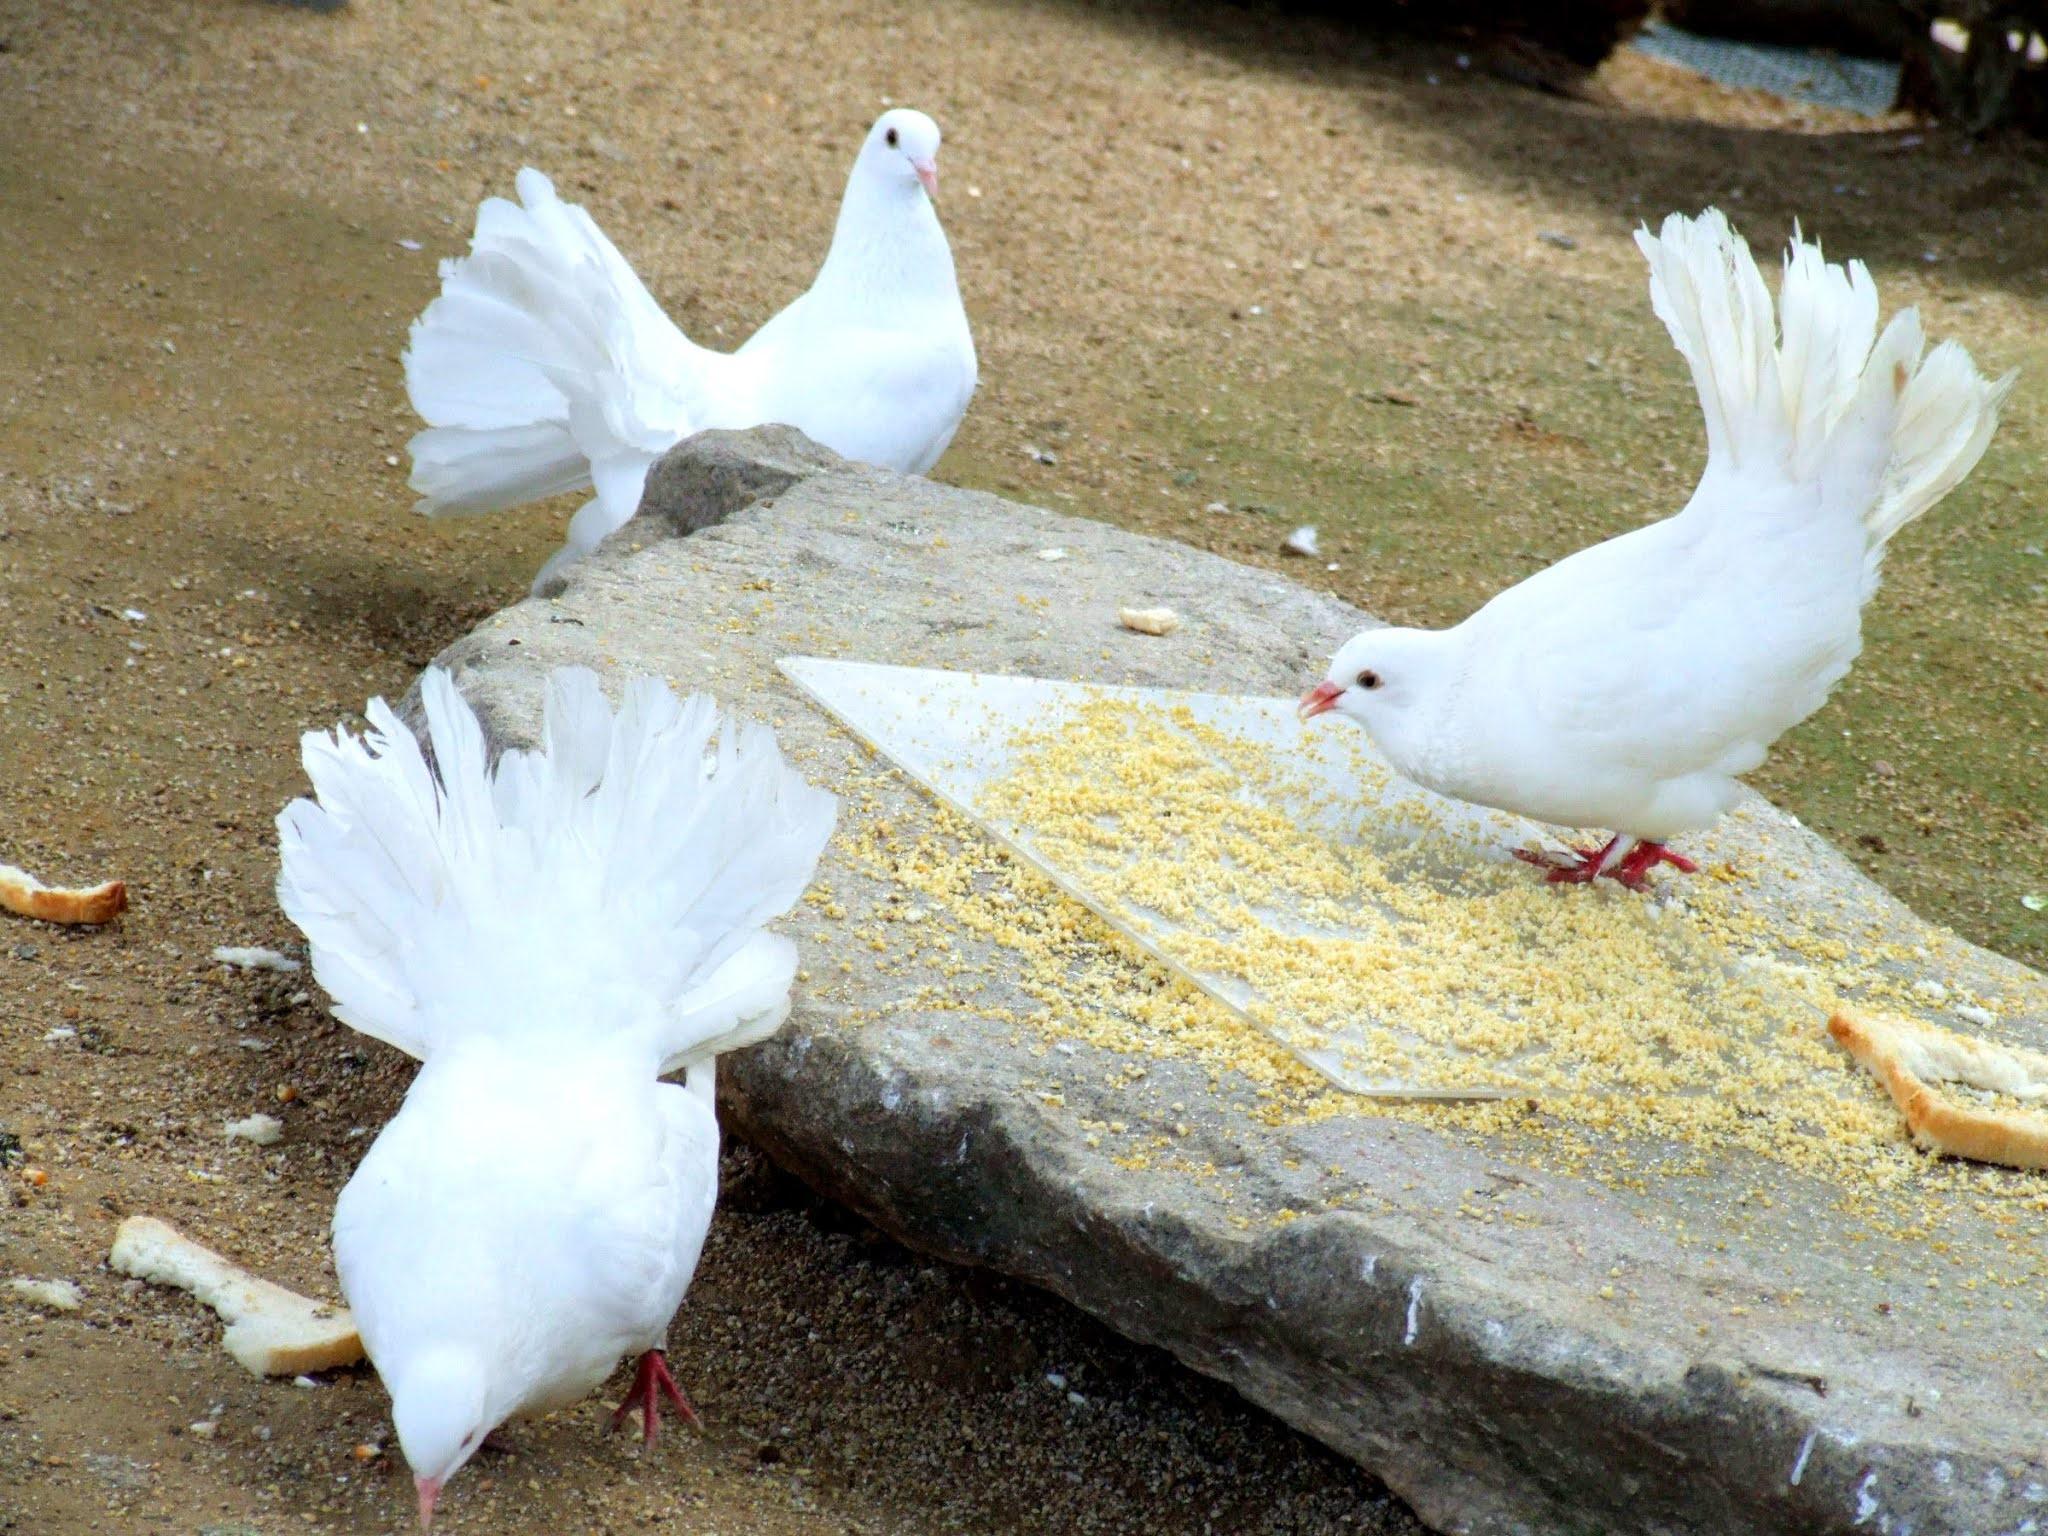 真っ白でキレイなイエバトの鳩の写真素材です。トリさん可愛いですよね。鳥類大好きです。